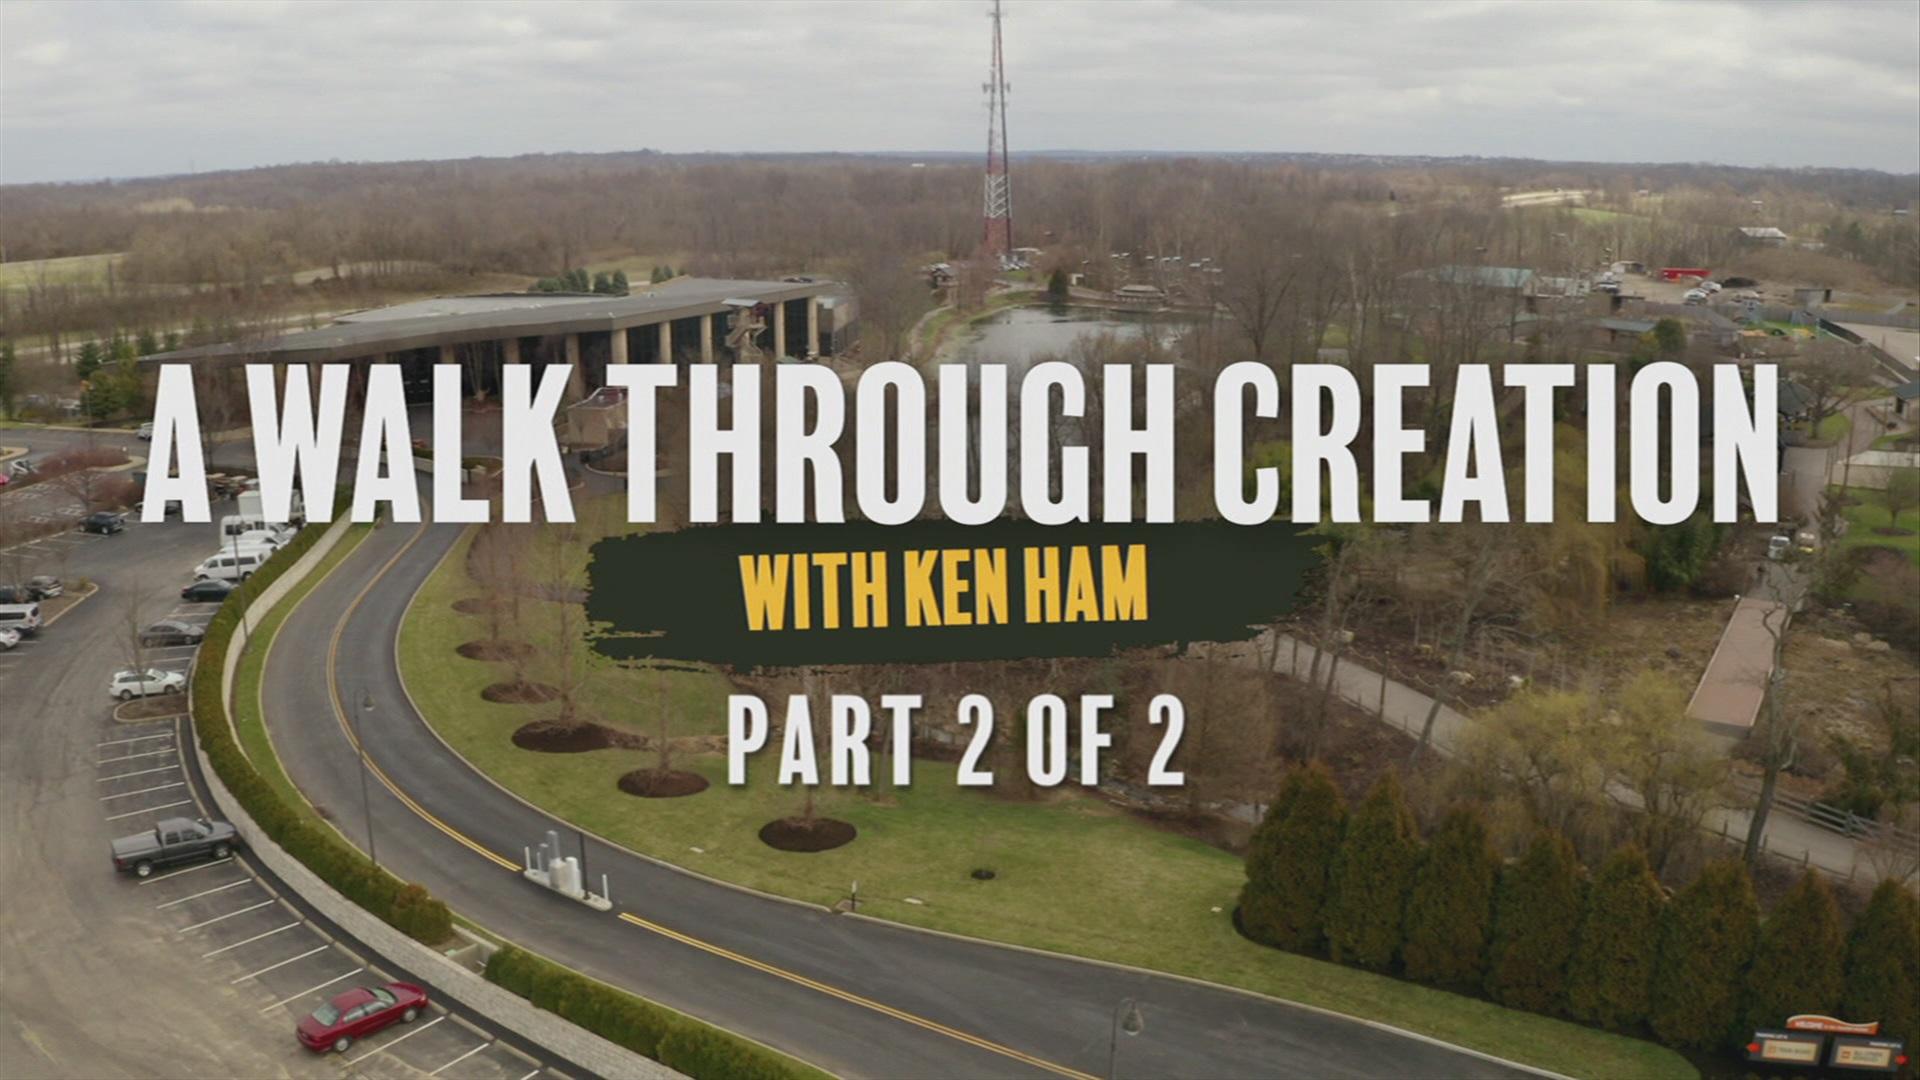 A Walk Through Creation with Ken Ham Part 2